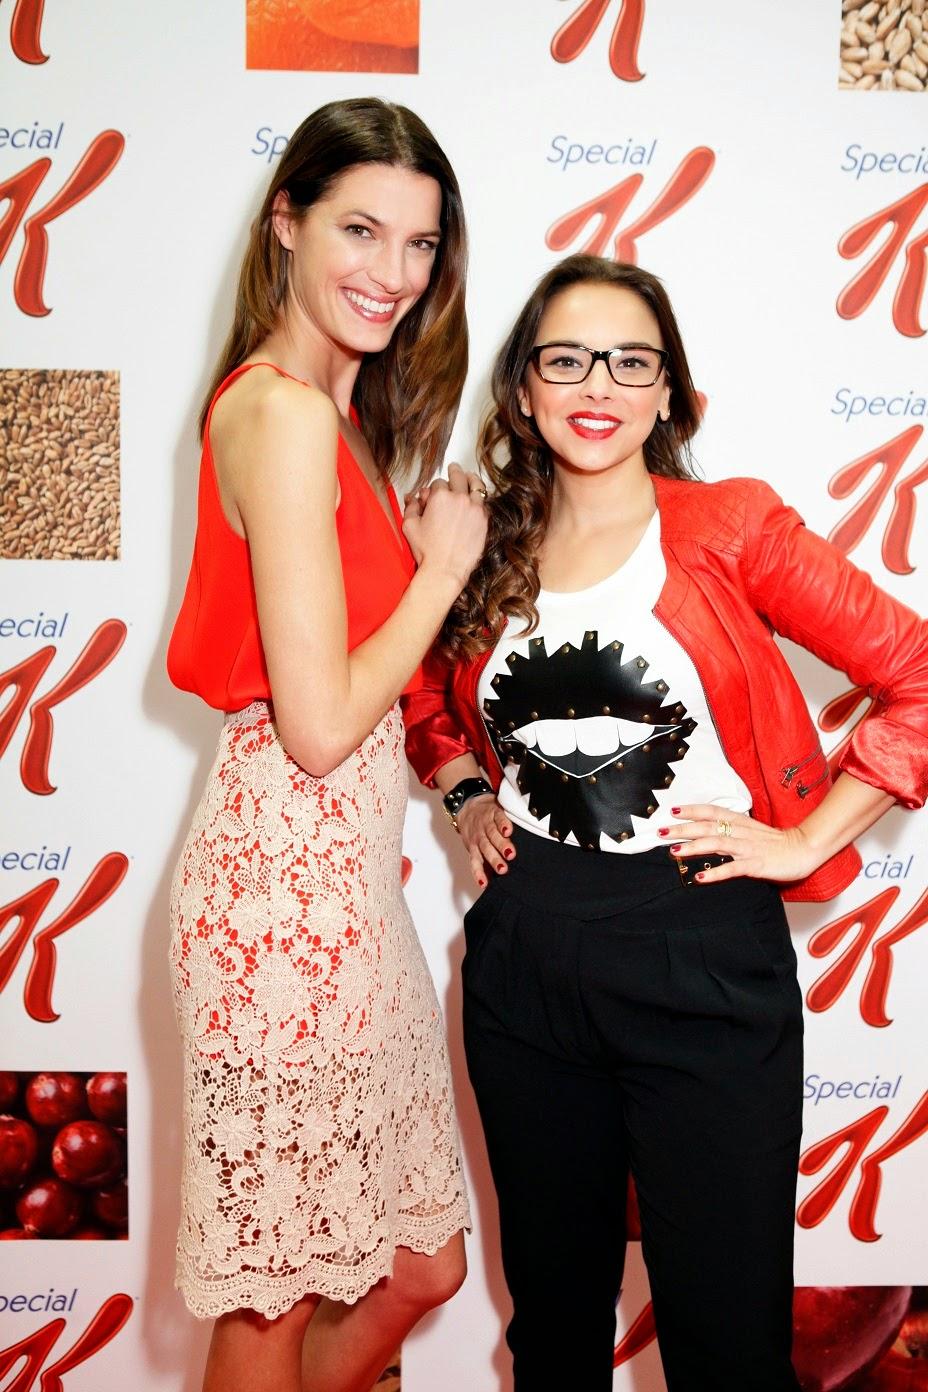 Special K, Llena tu vida de color, Vida Sana, Deseos, Laura Sanchez, Chenoa, Desayuno, Gourmet, Evento Blogger